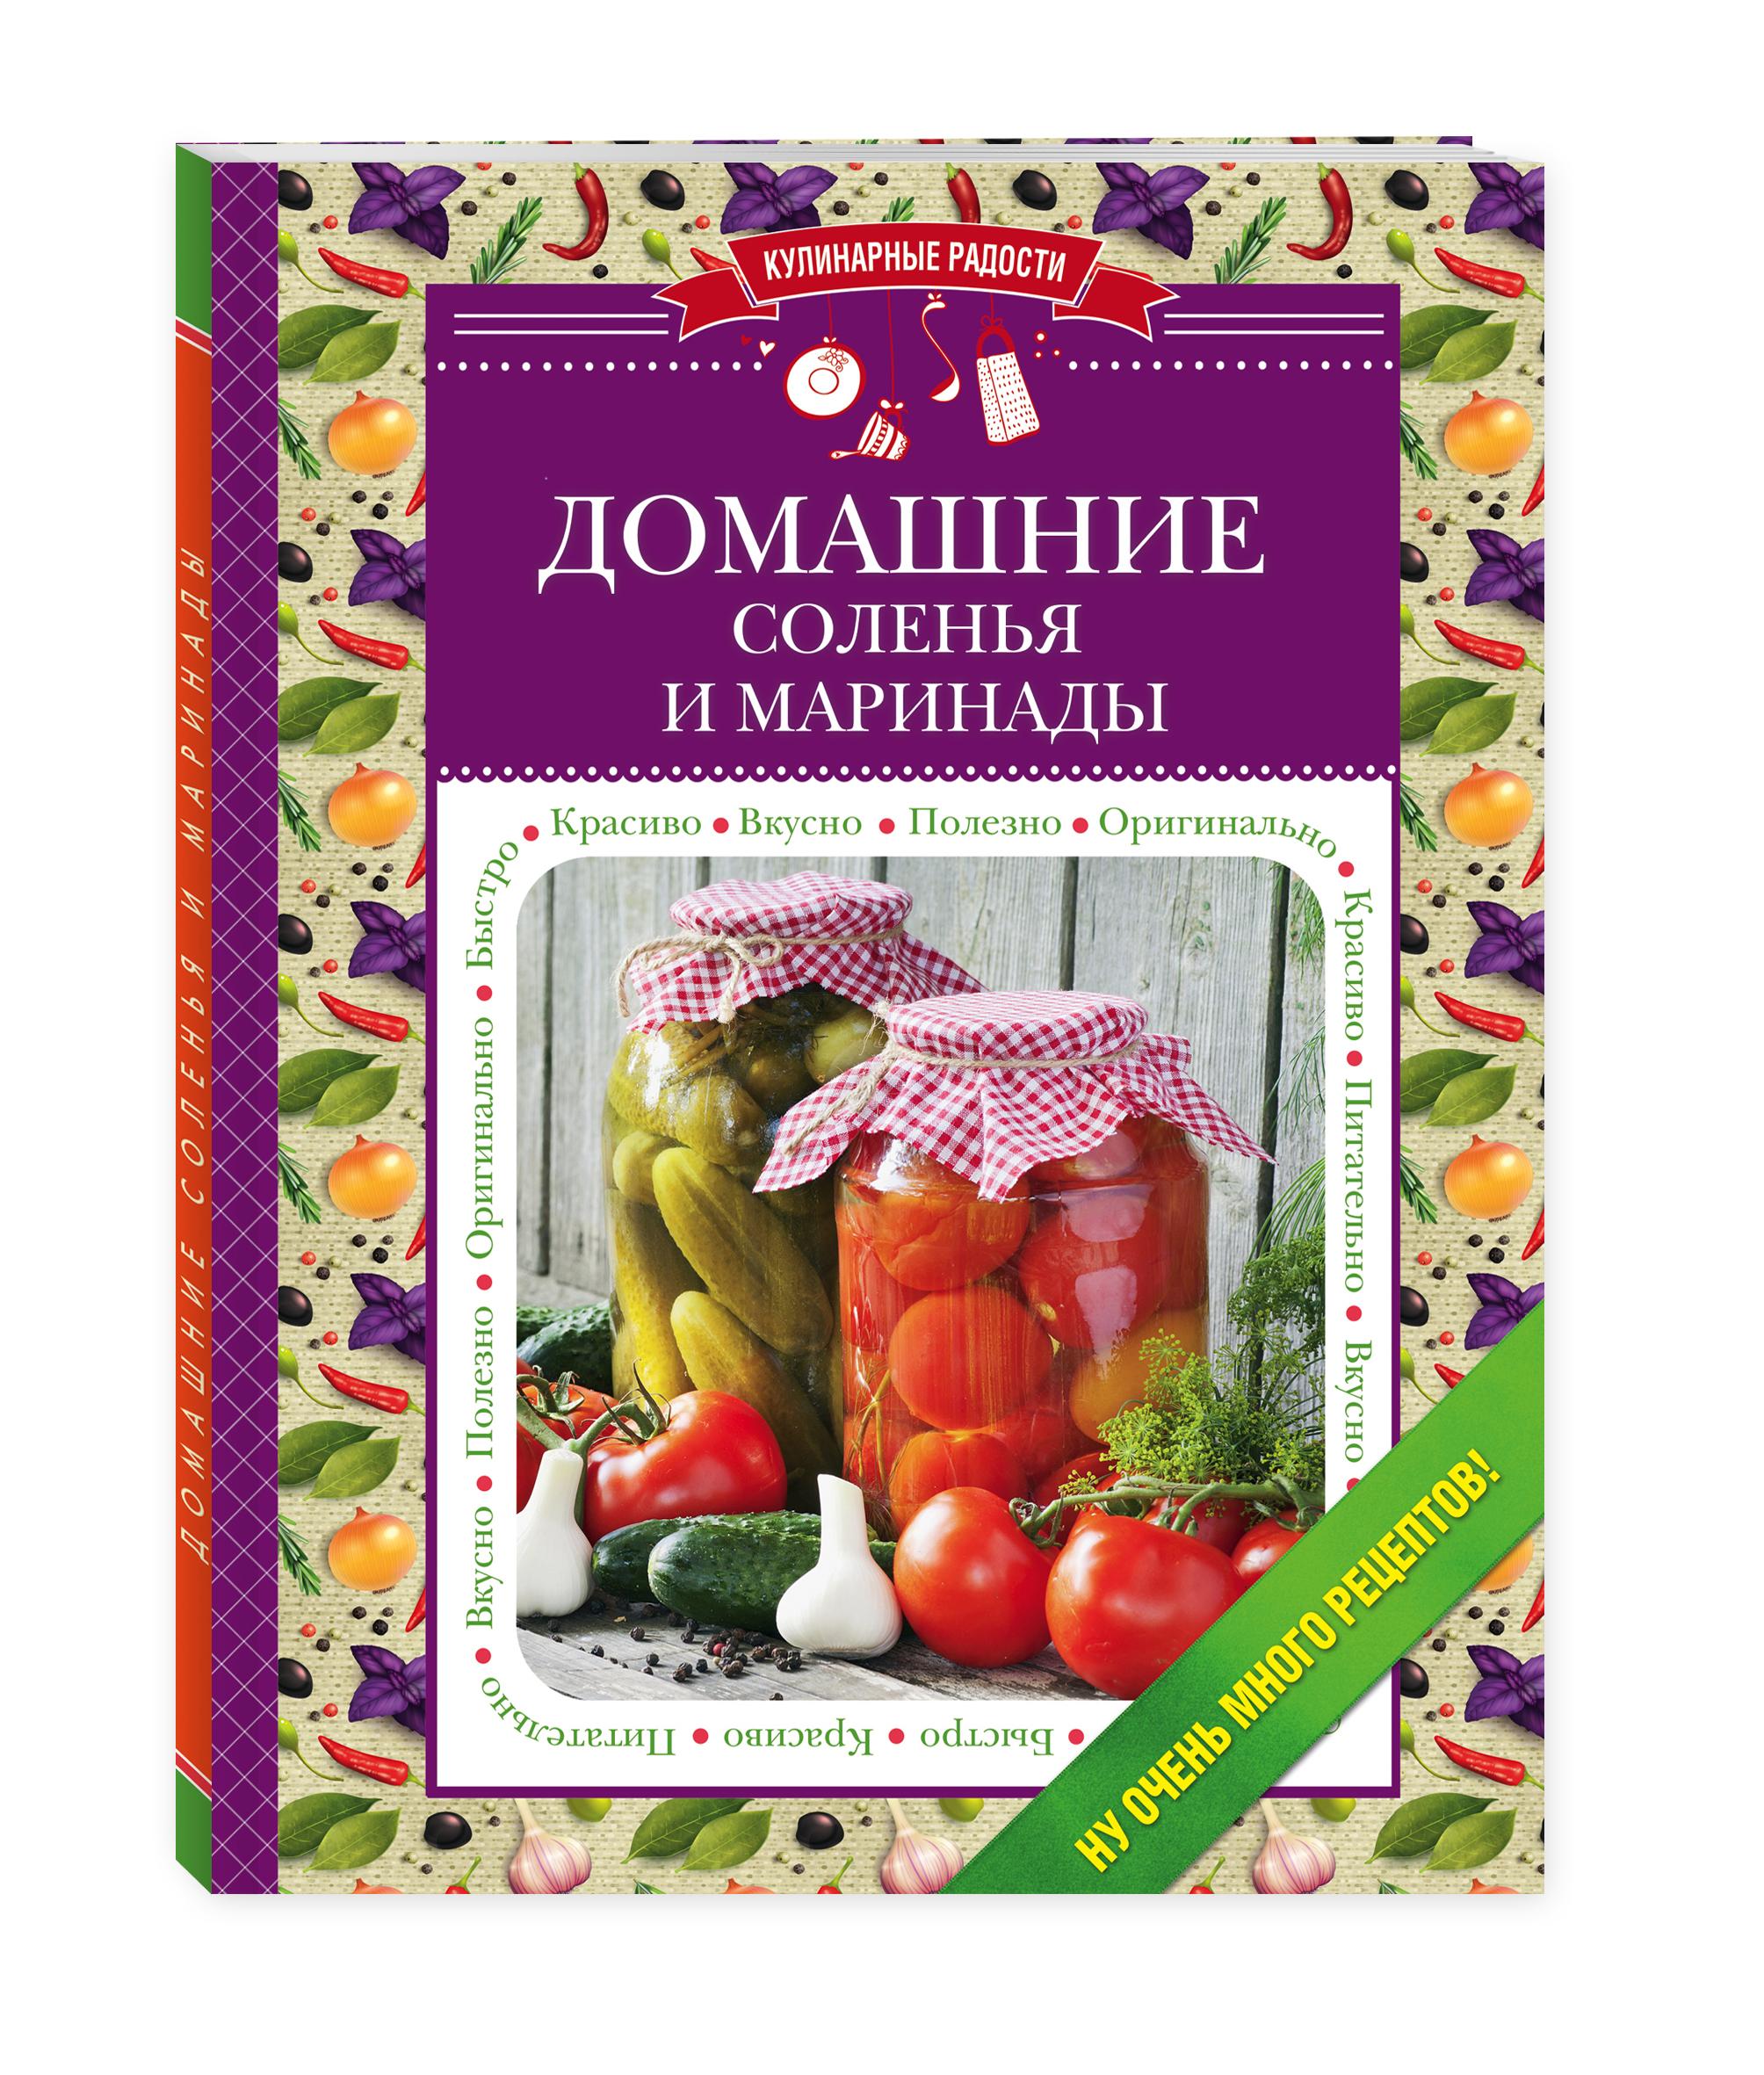 Домашние соленья и маринады аджика амца абхазская классическая